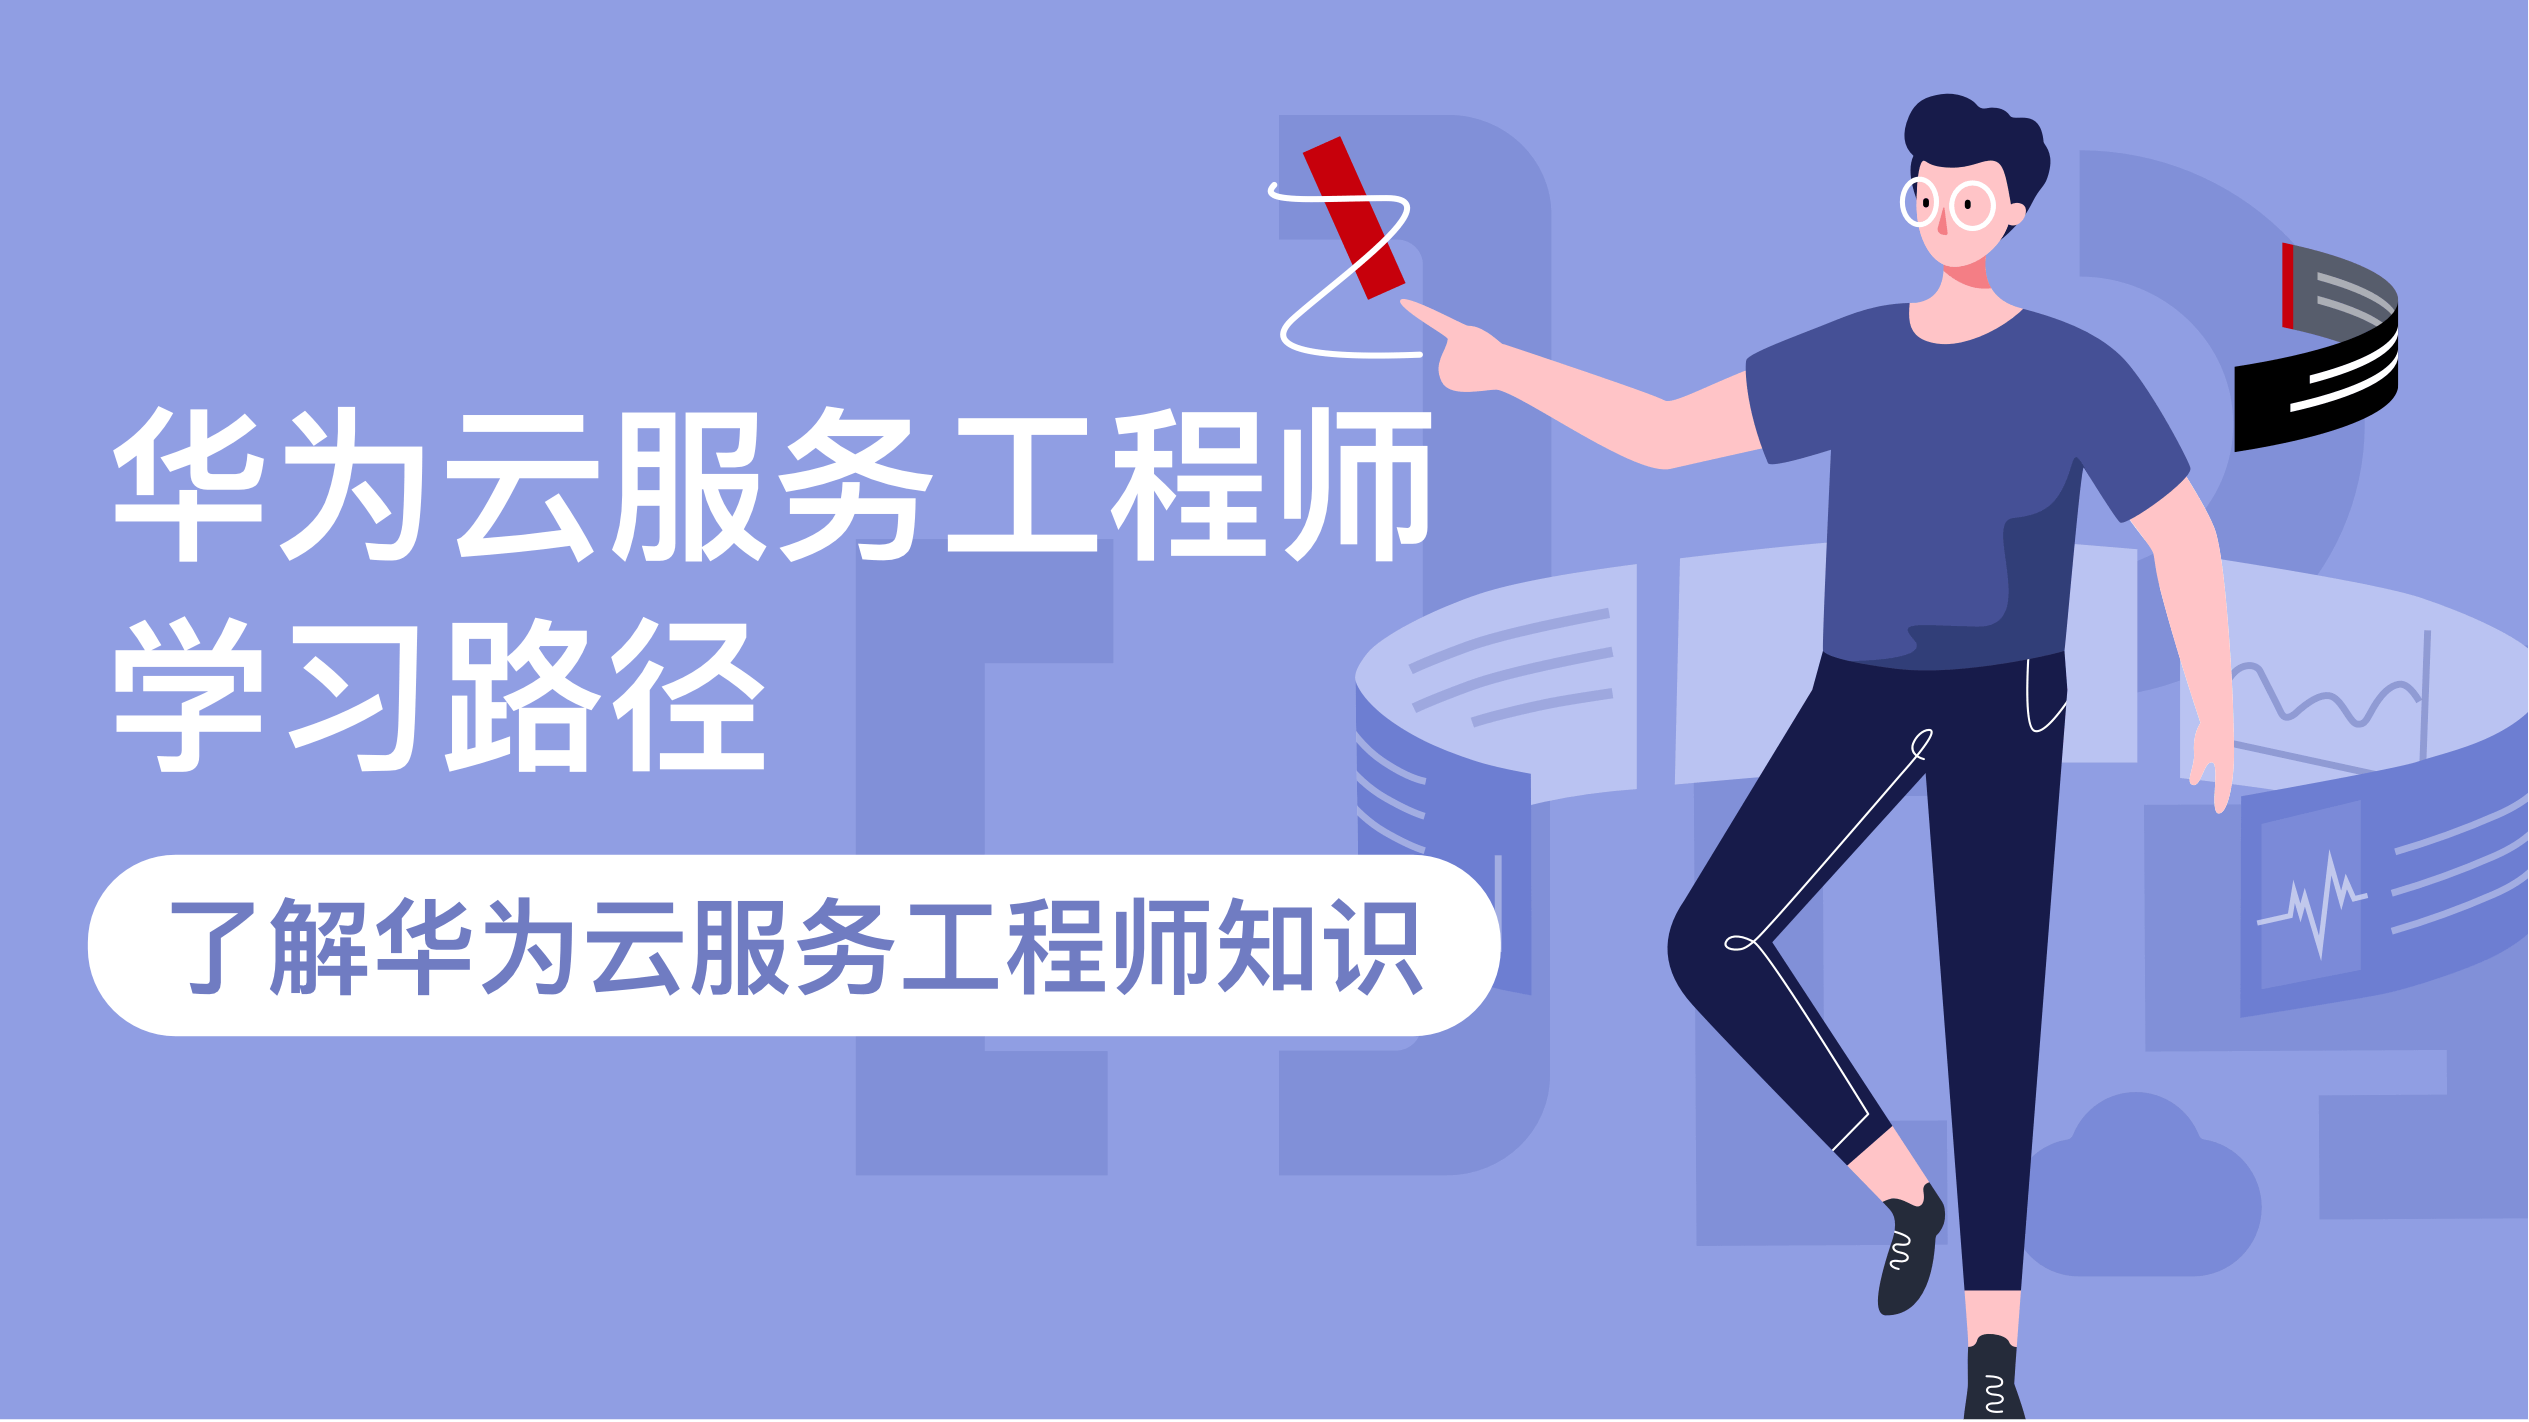 华为云服务工程师学习路径